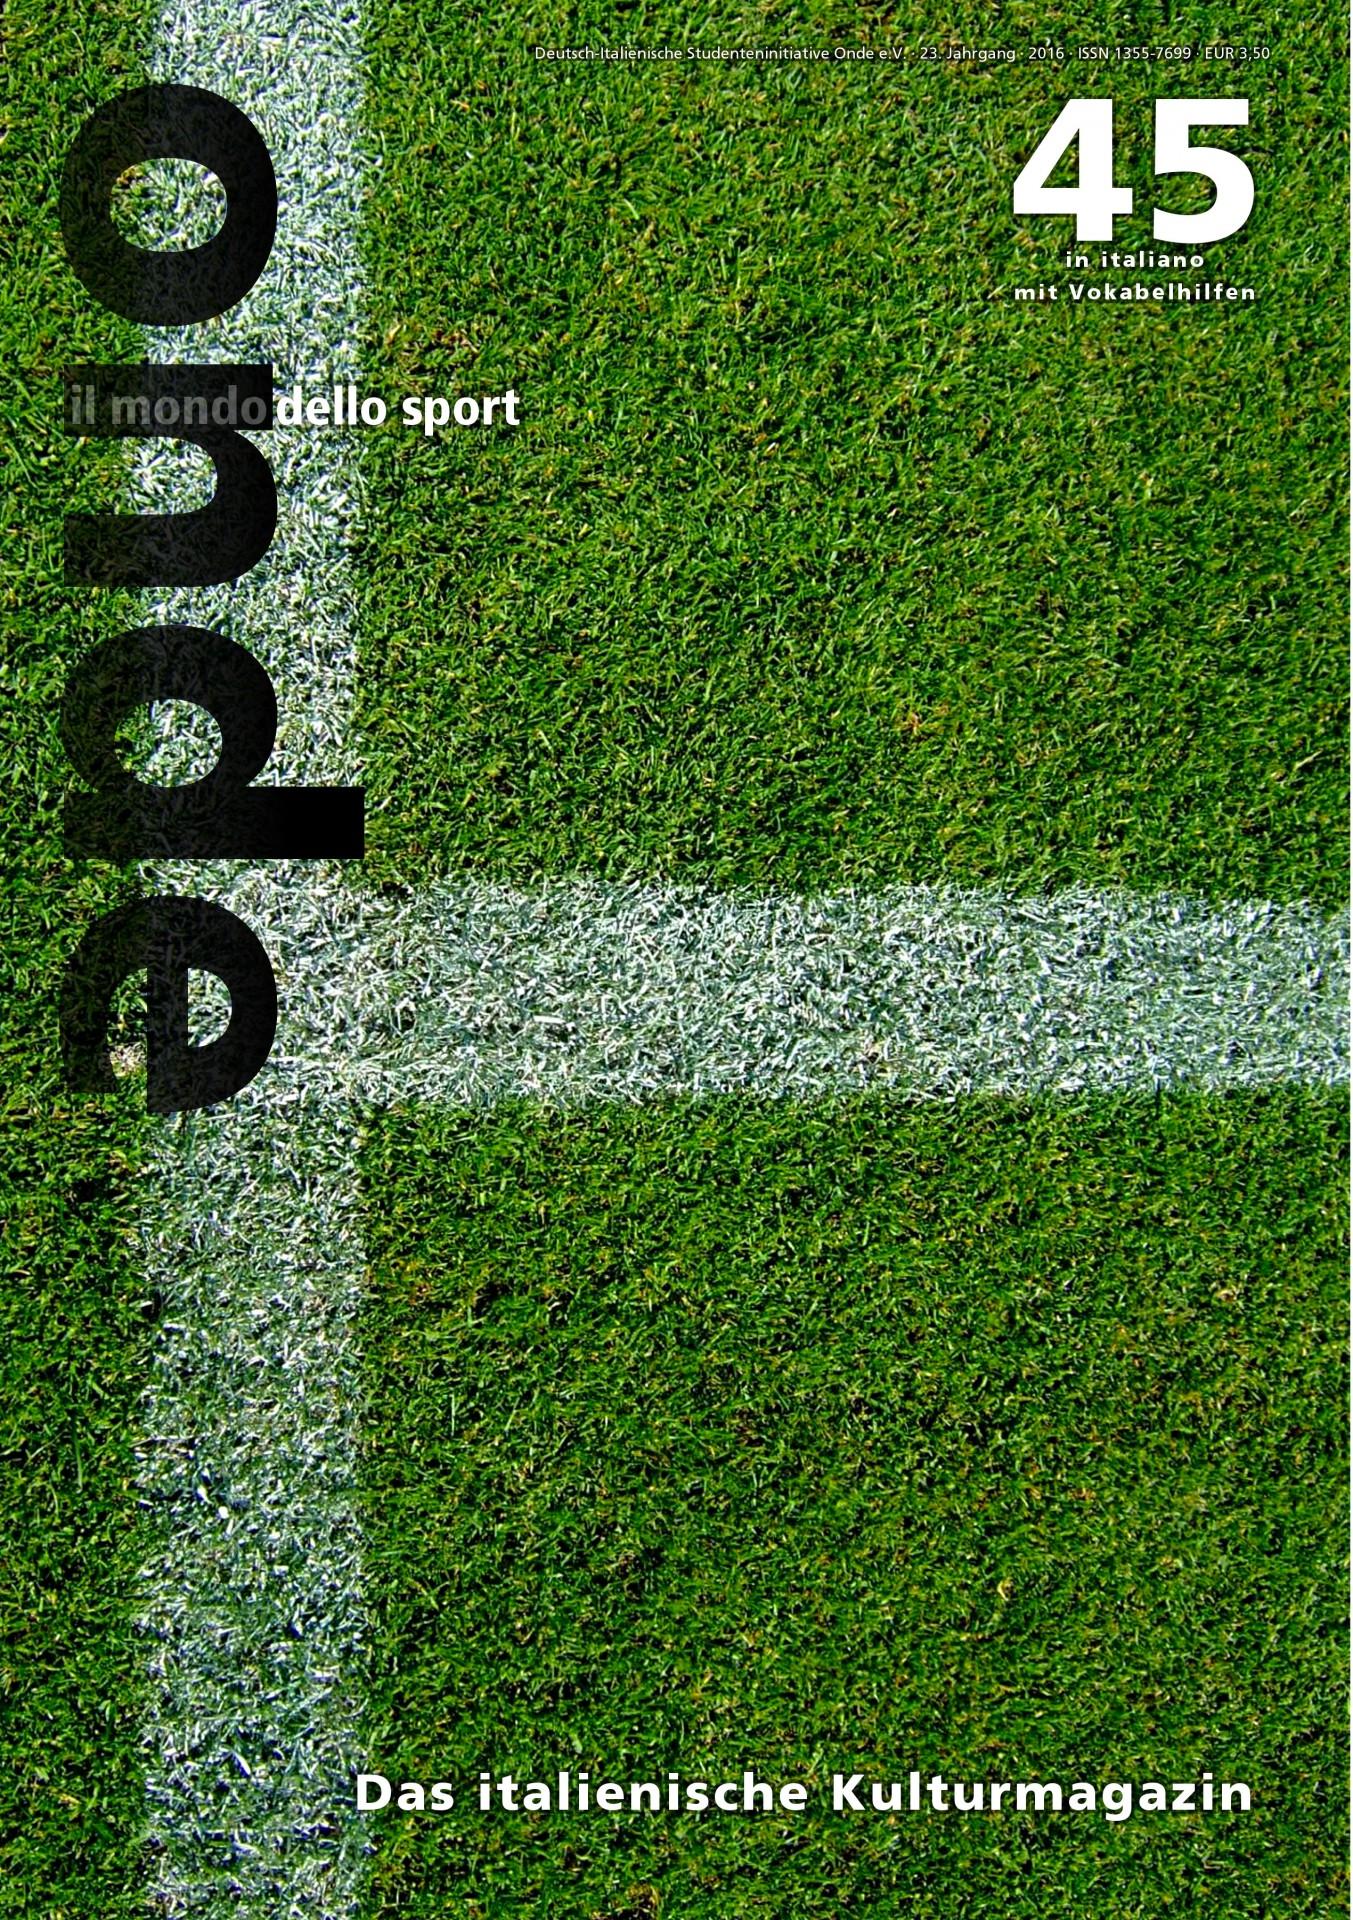 onde 45 – il mondo dello sport